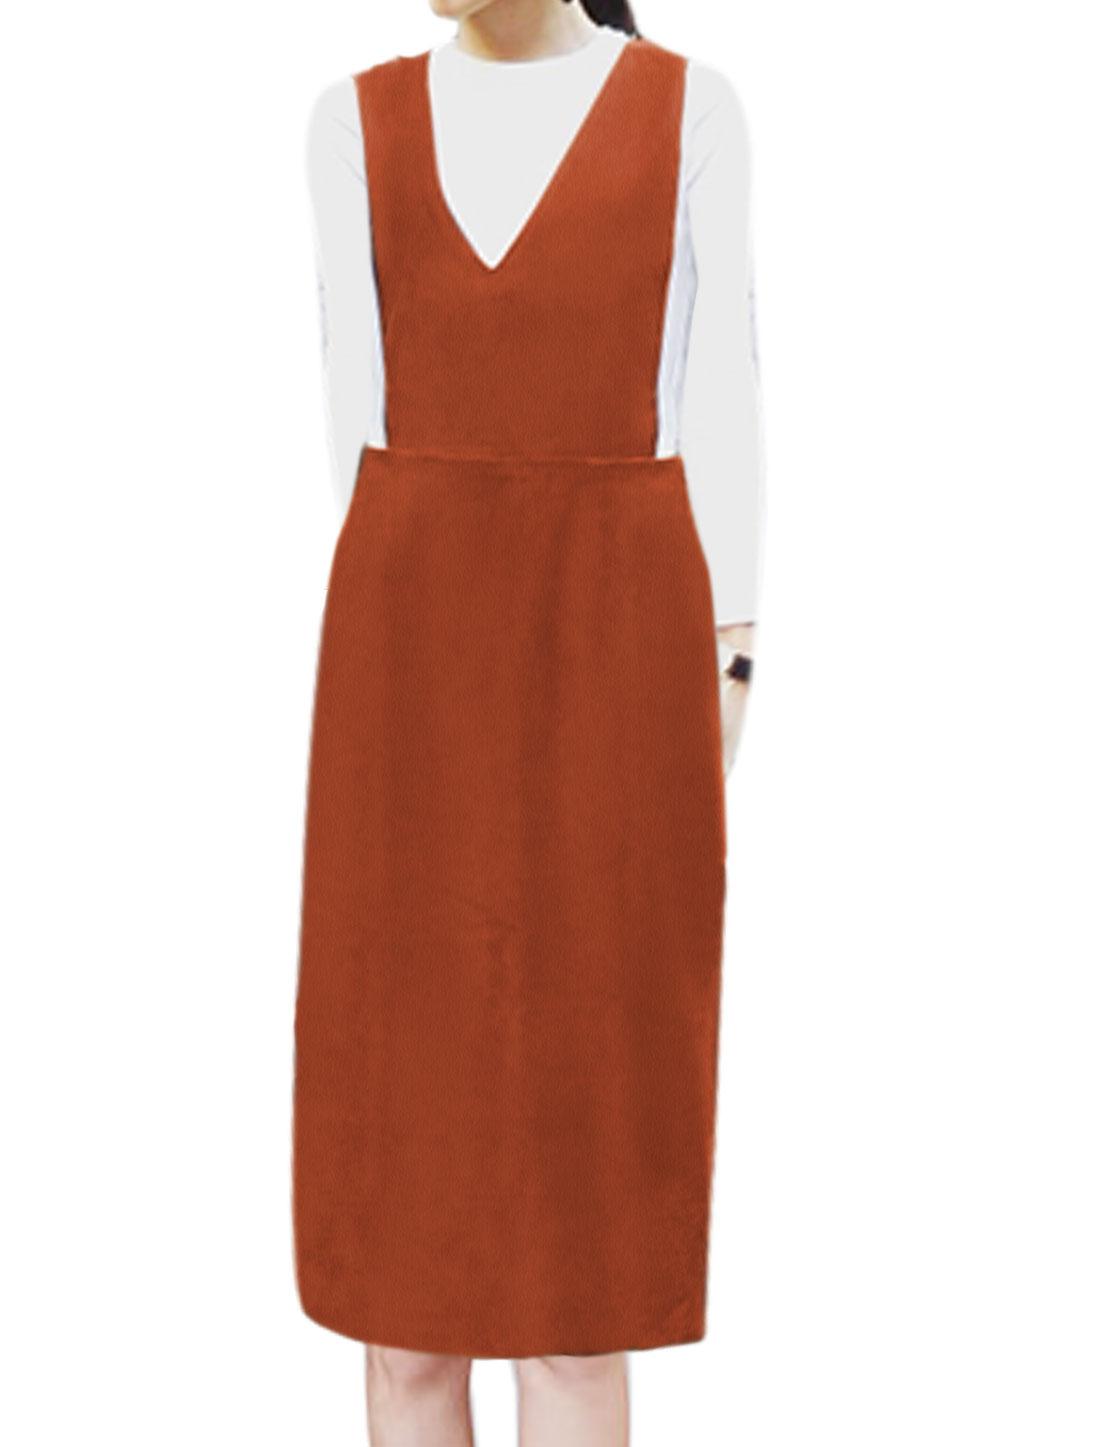 Women V Neck Sleeveless Split Back Casual Suspender Skirt Brown XS